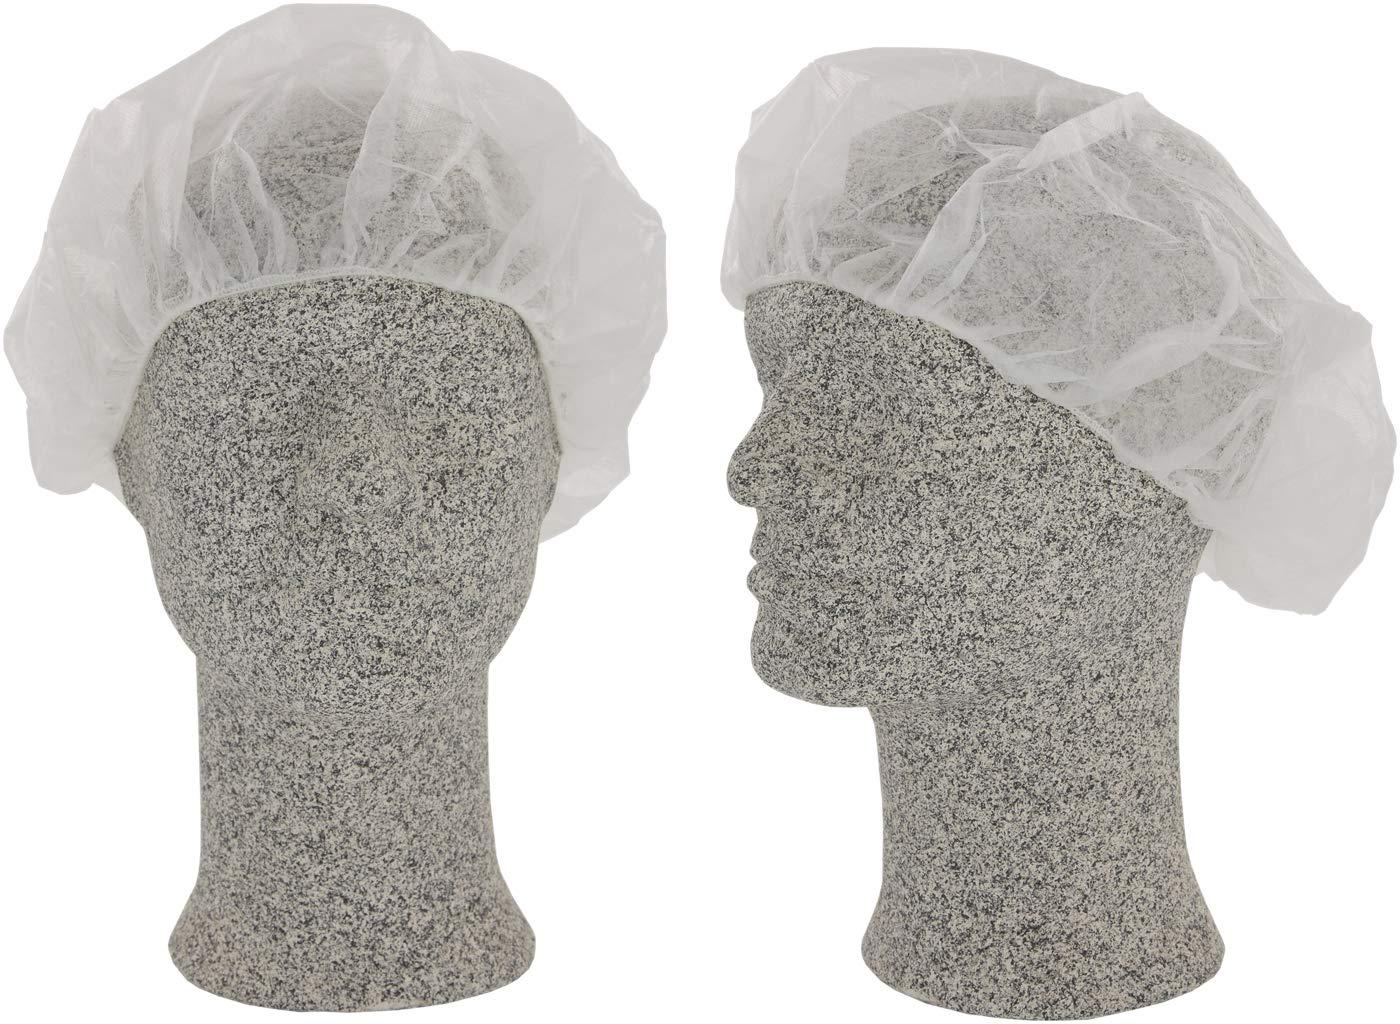 CS-Comfort Baretthaube - Einweg-Kopfschutz- Einweg-Damenhaube - weiß Haarschutz, Haarnetz für einmal Benutzung - 100 Stück CS-Kosmetikvertrieb